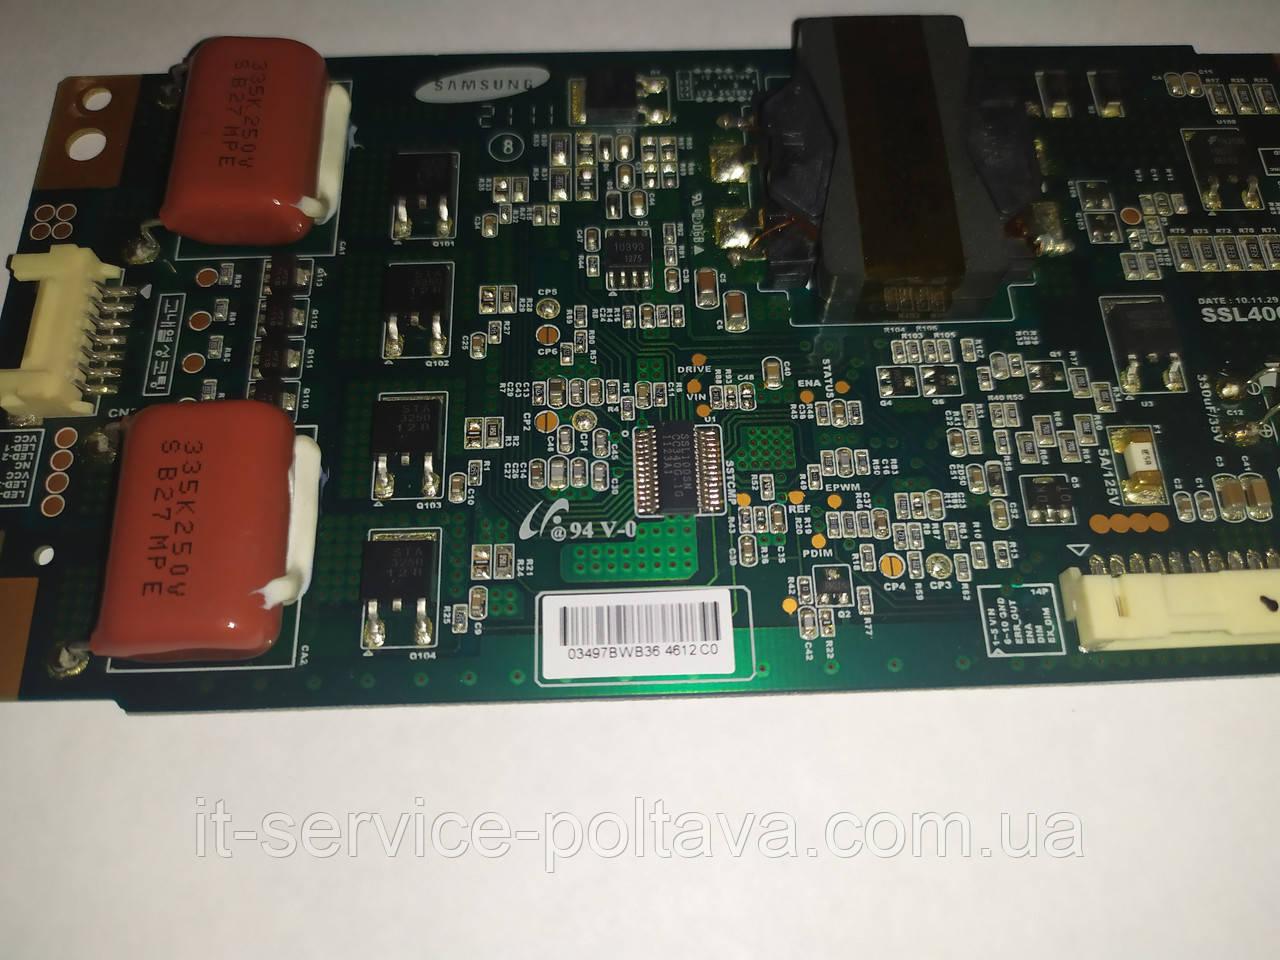 Плата LED драйвер SSL400_0E2B REV0.1 для телевізора Grundig